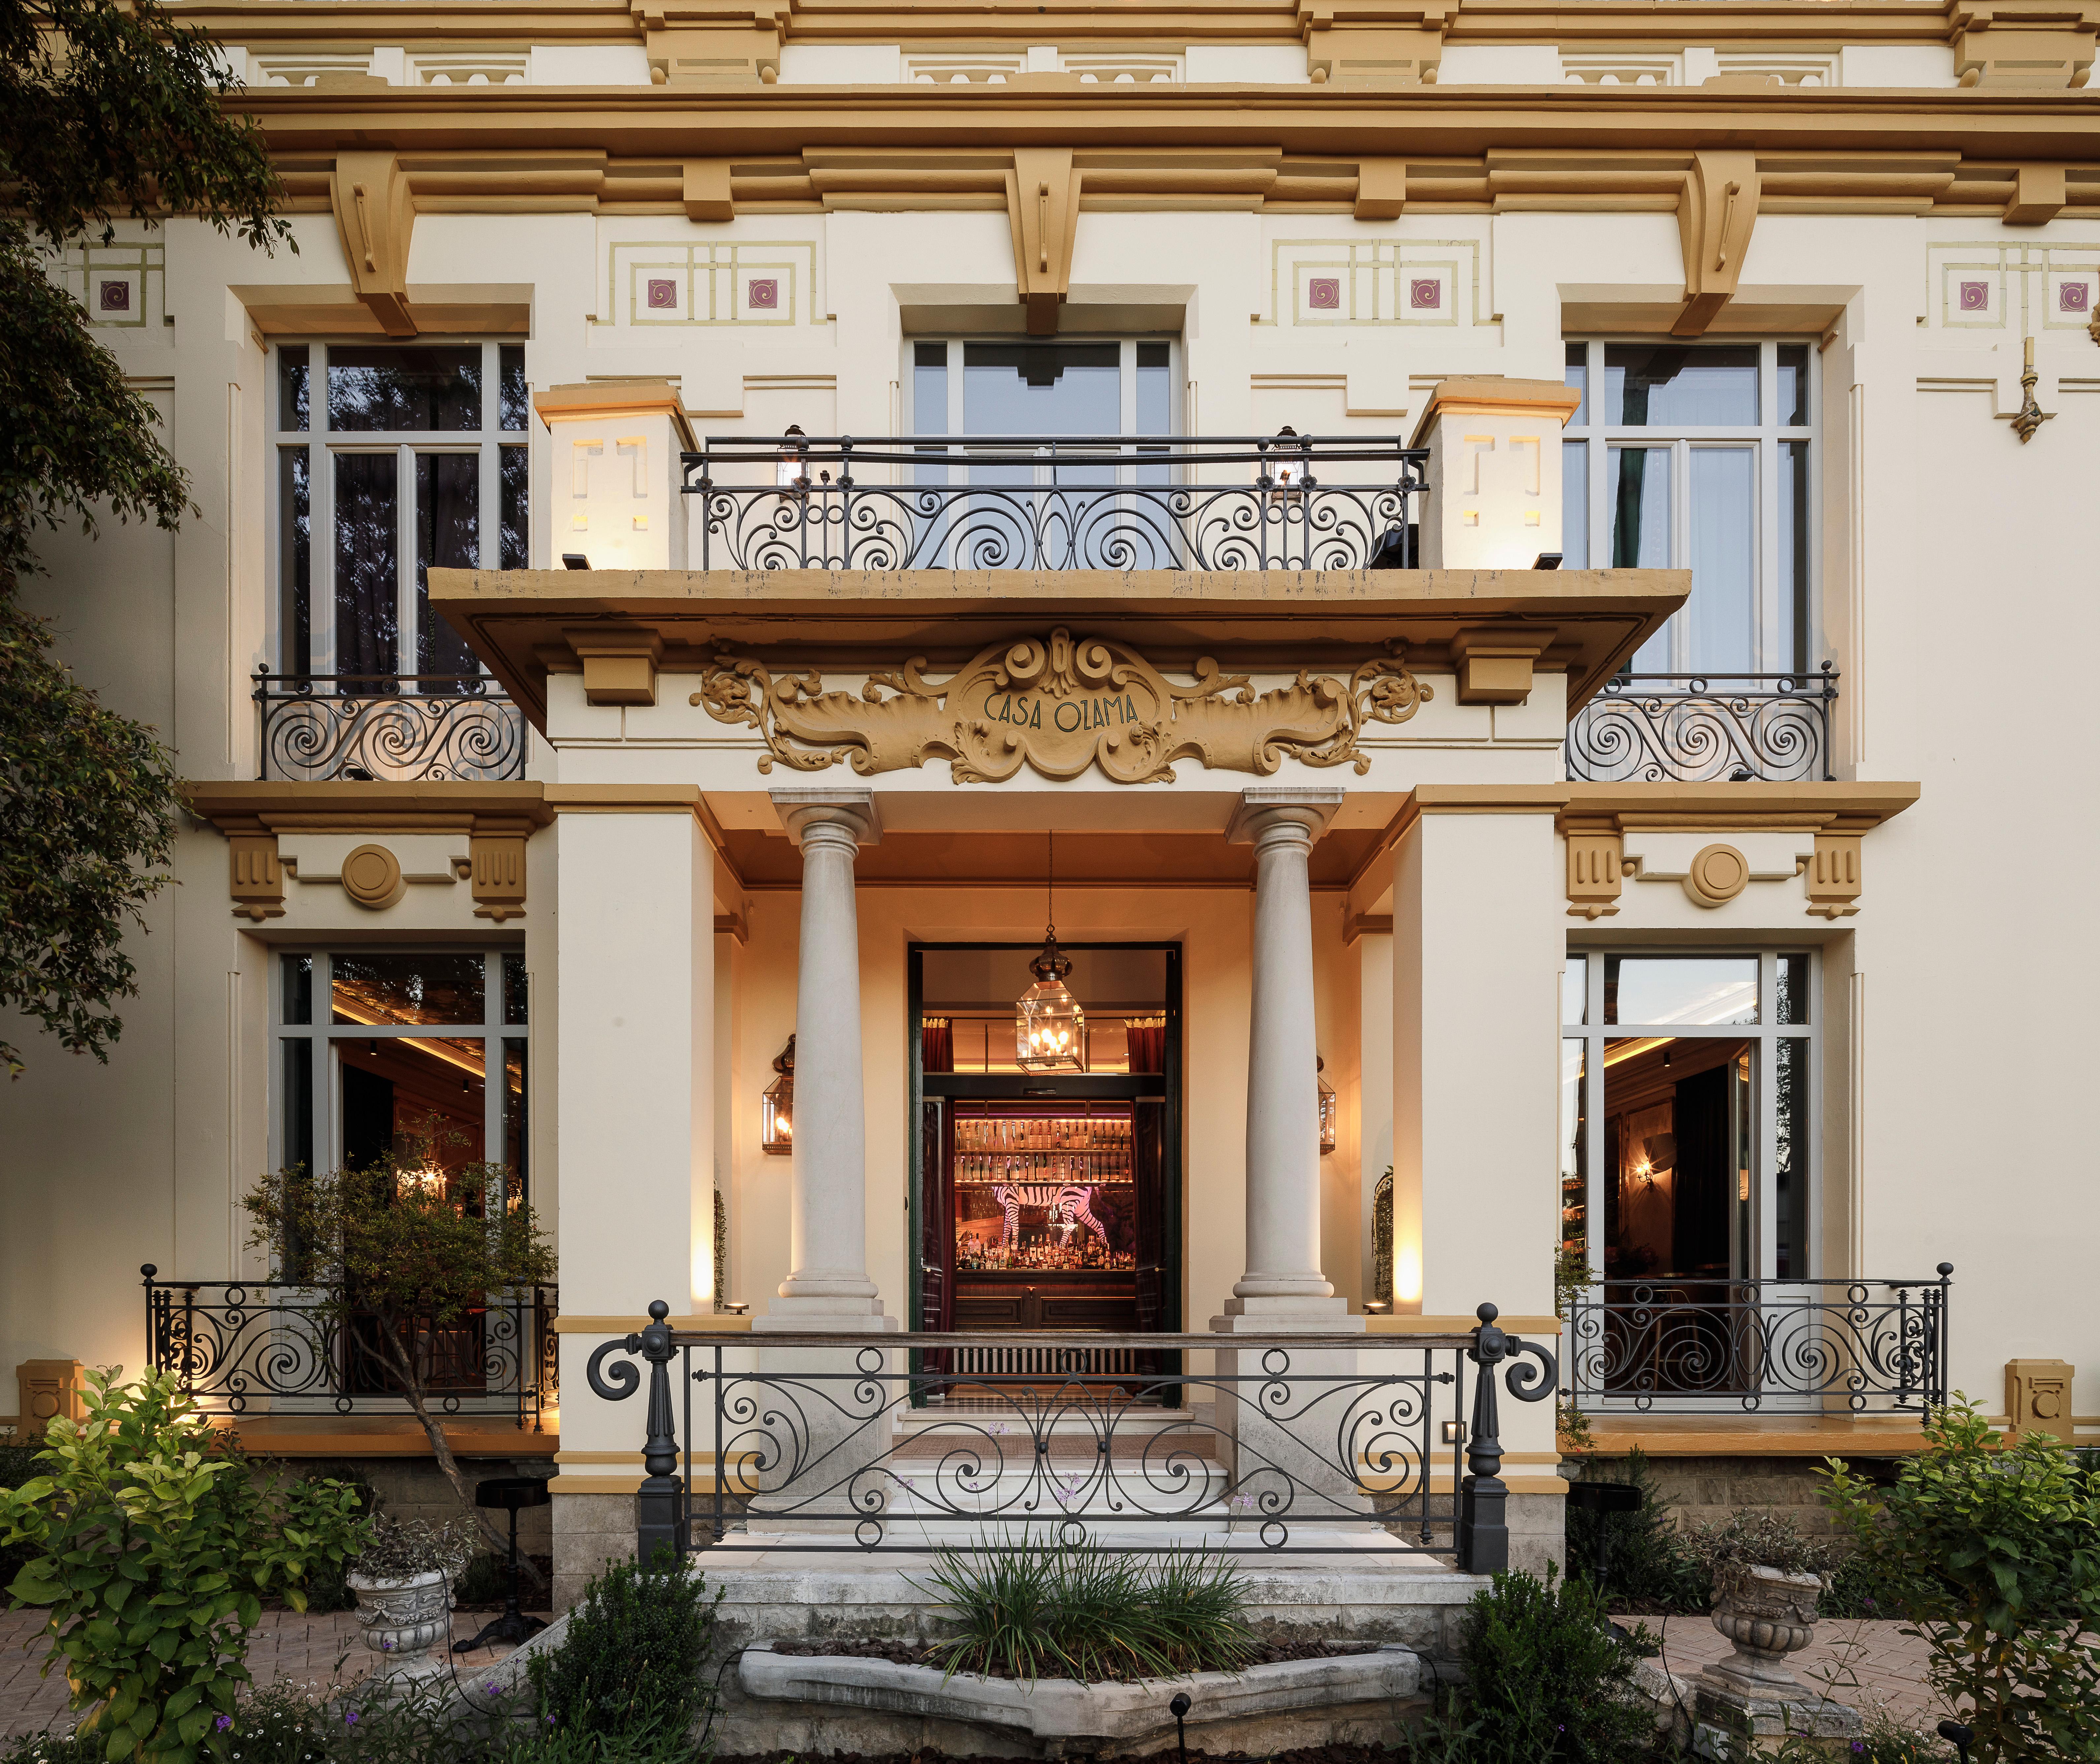 Ovejas Negras inaugura su emblemático complejo de restauración 'Casa Ozama'